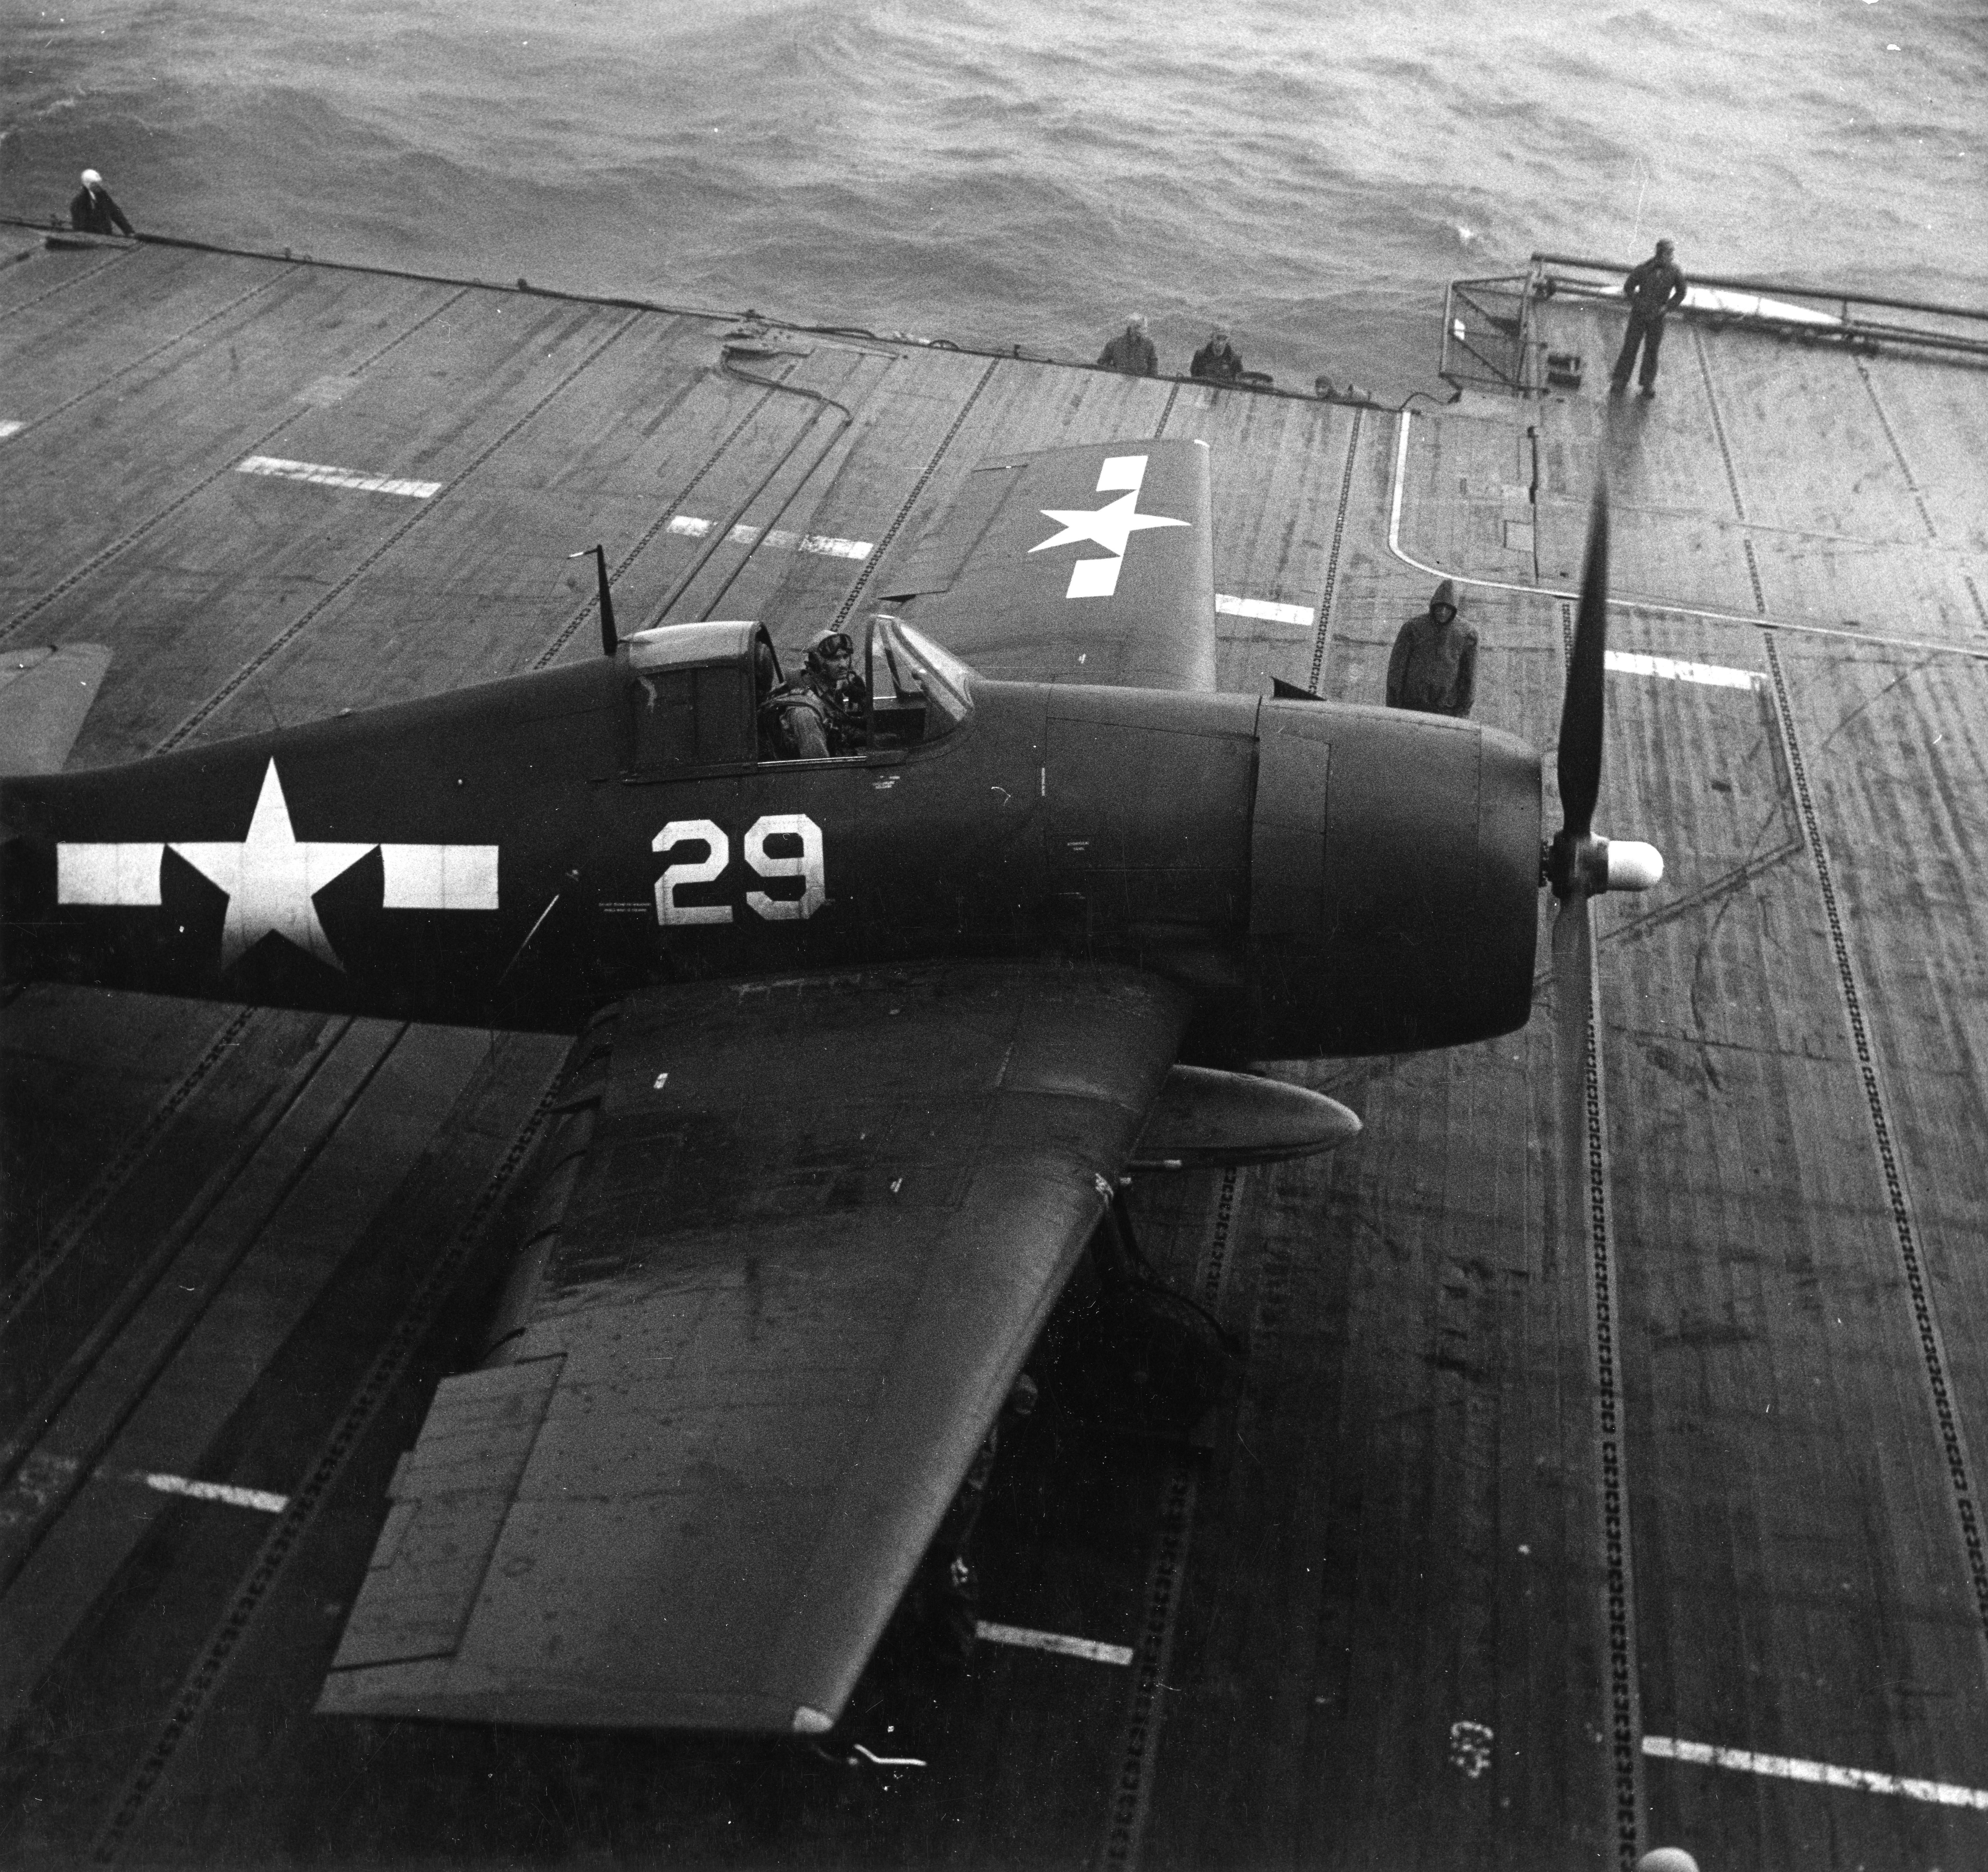 Grumman F6F 5 Hellcat VF 11 Sundowners Ginger White 29 CV 12 USS Hornet 1945 03